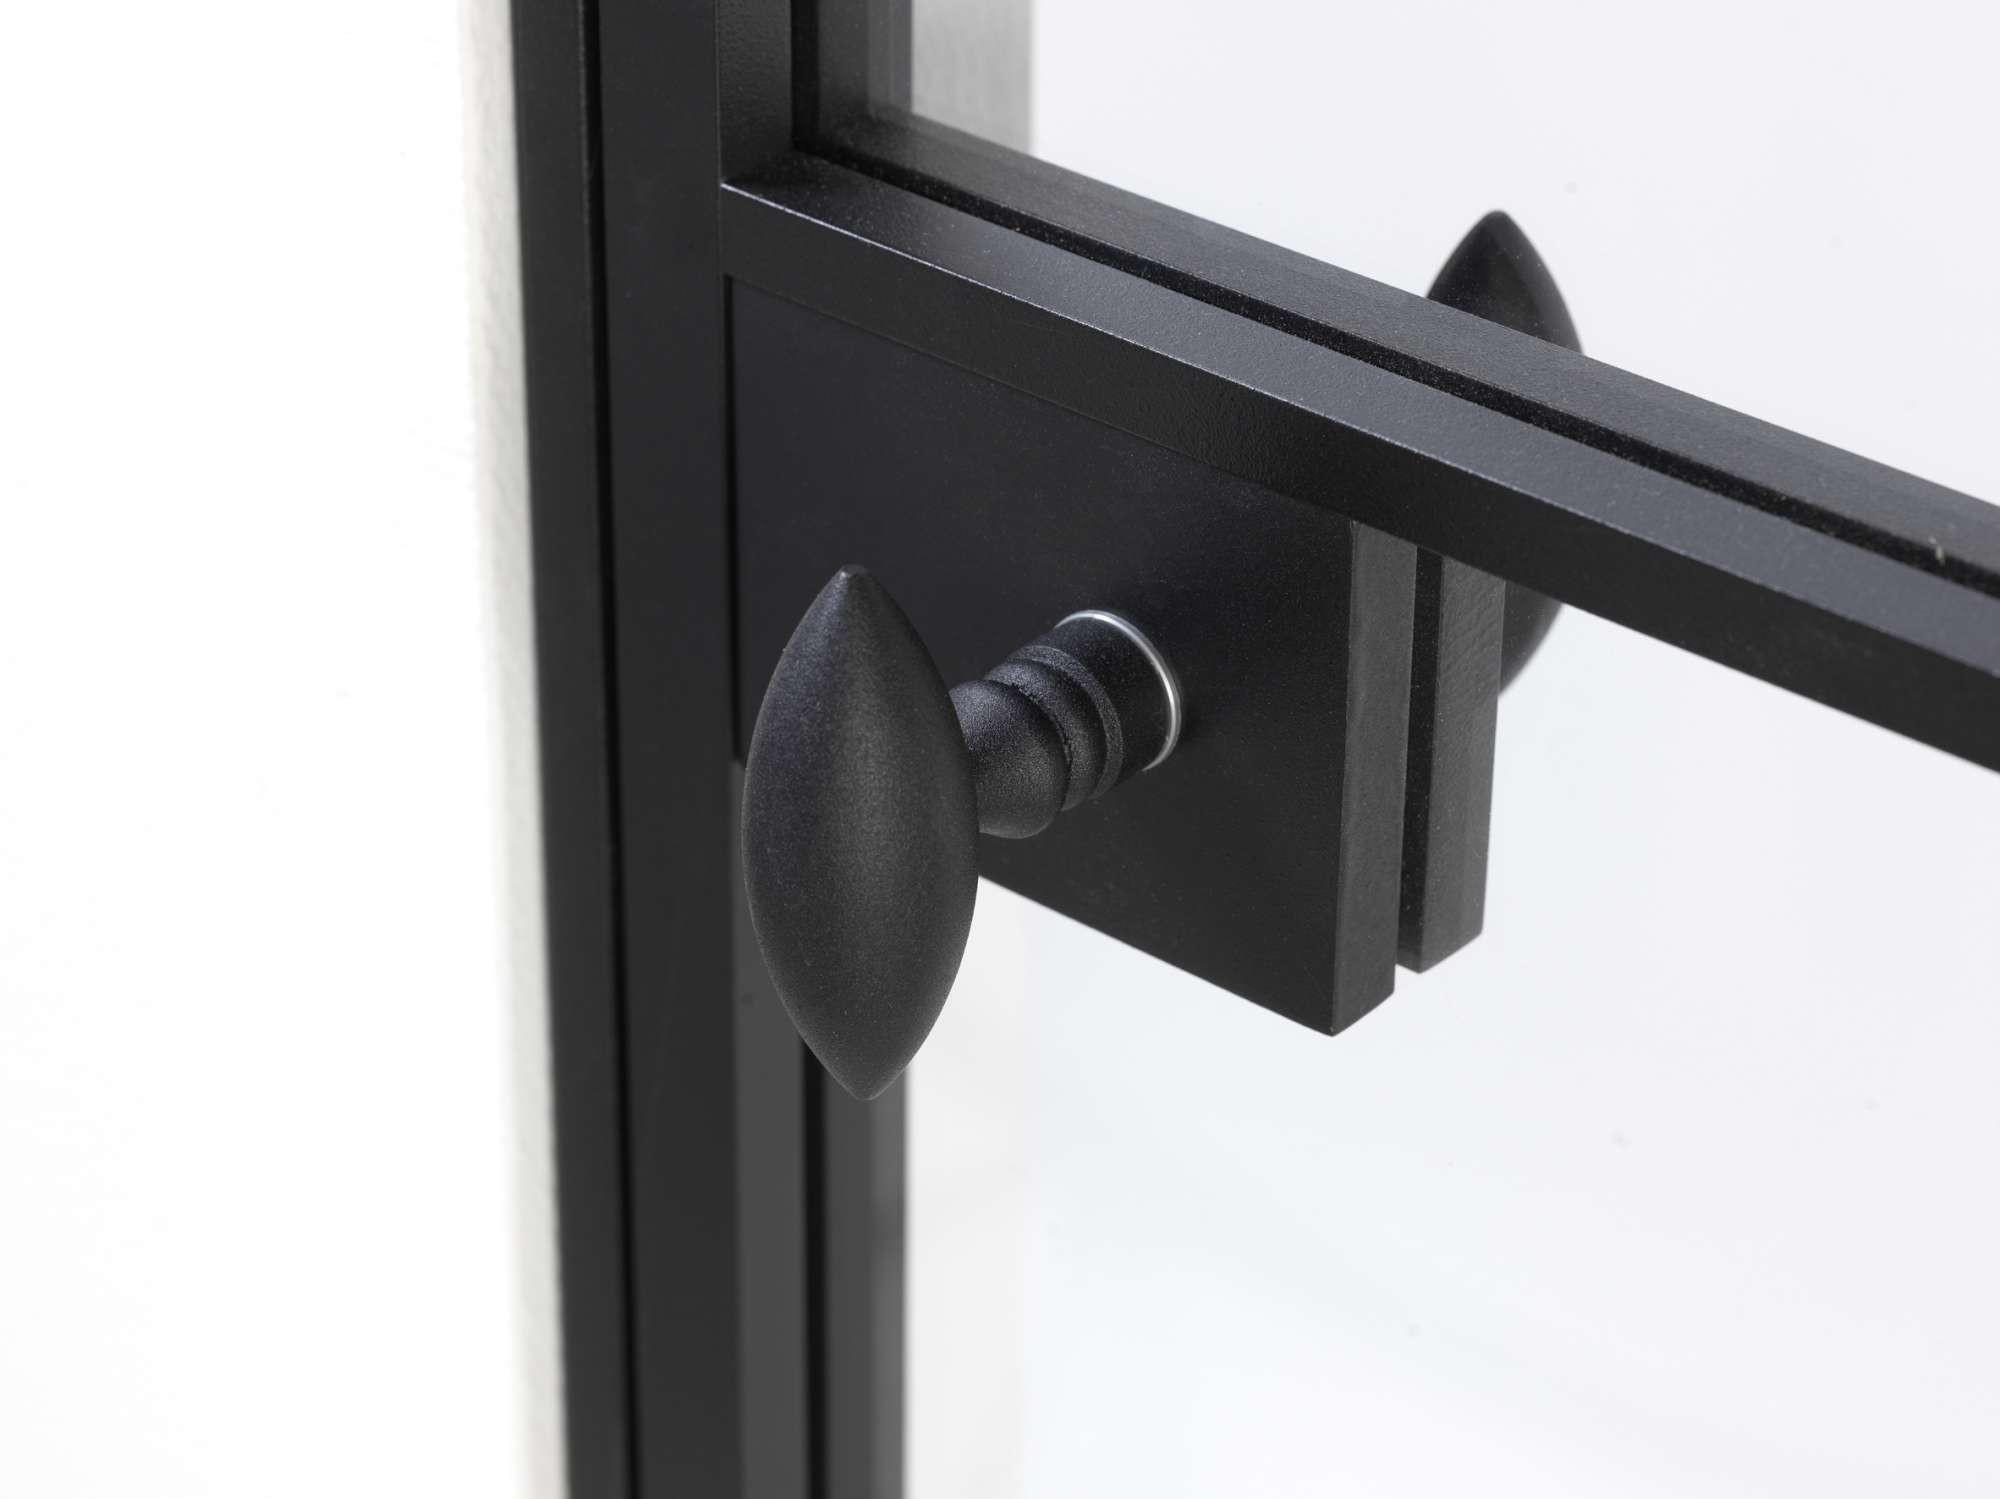 steellook-deur-zwarte-klink-eivormig